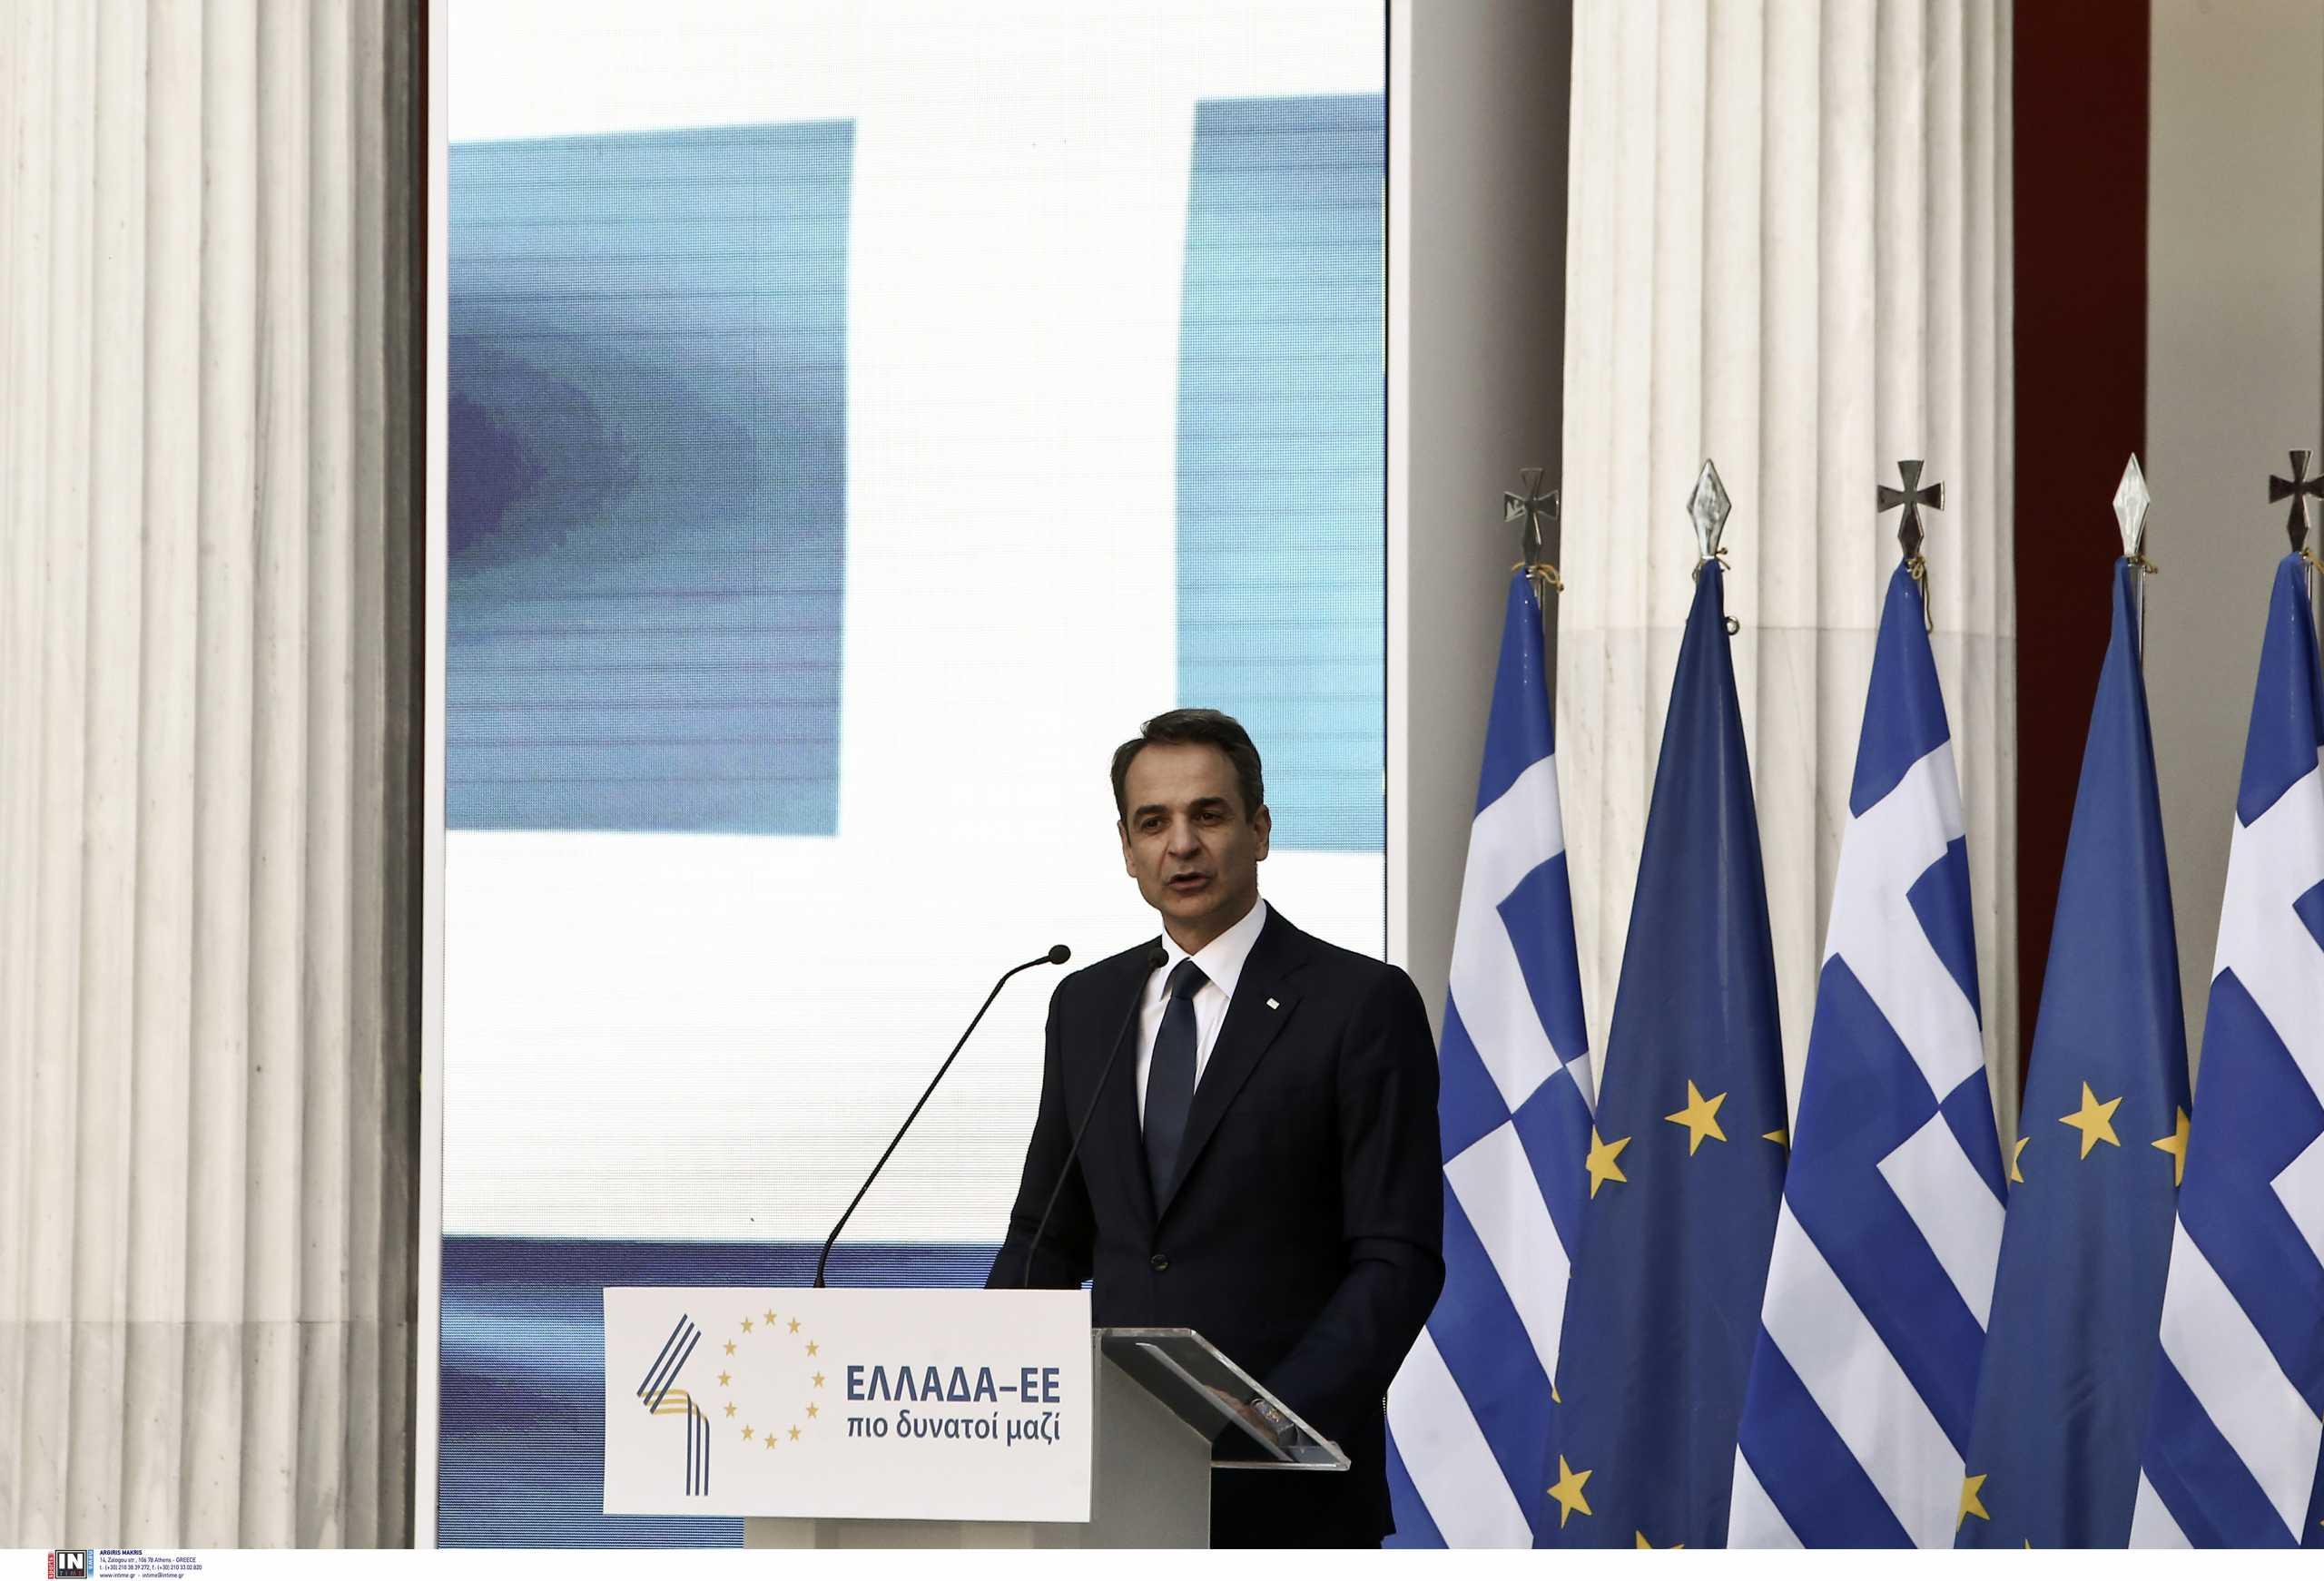 Μητσοτάκης: Με καρφί στον ΣΥΡΙΖΑ του 2015 – Το μήνυμα για τα 40 χρόνια από την ένταξη της Ελλάδας στην ΕΟΚ